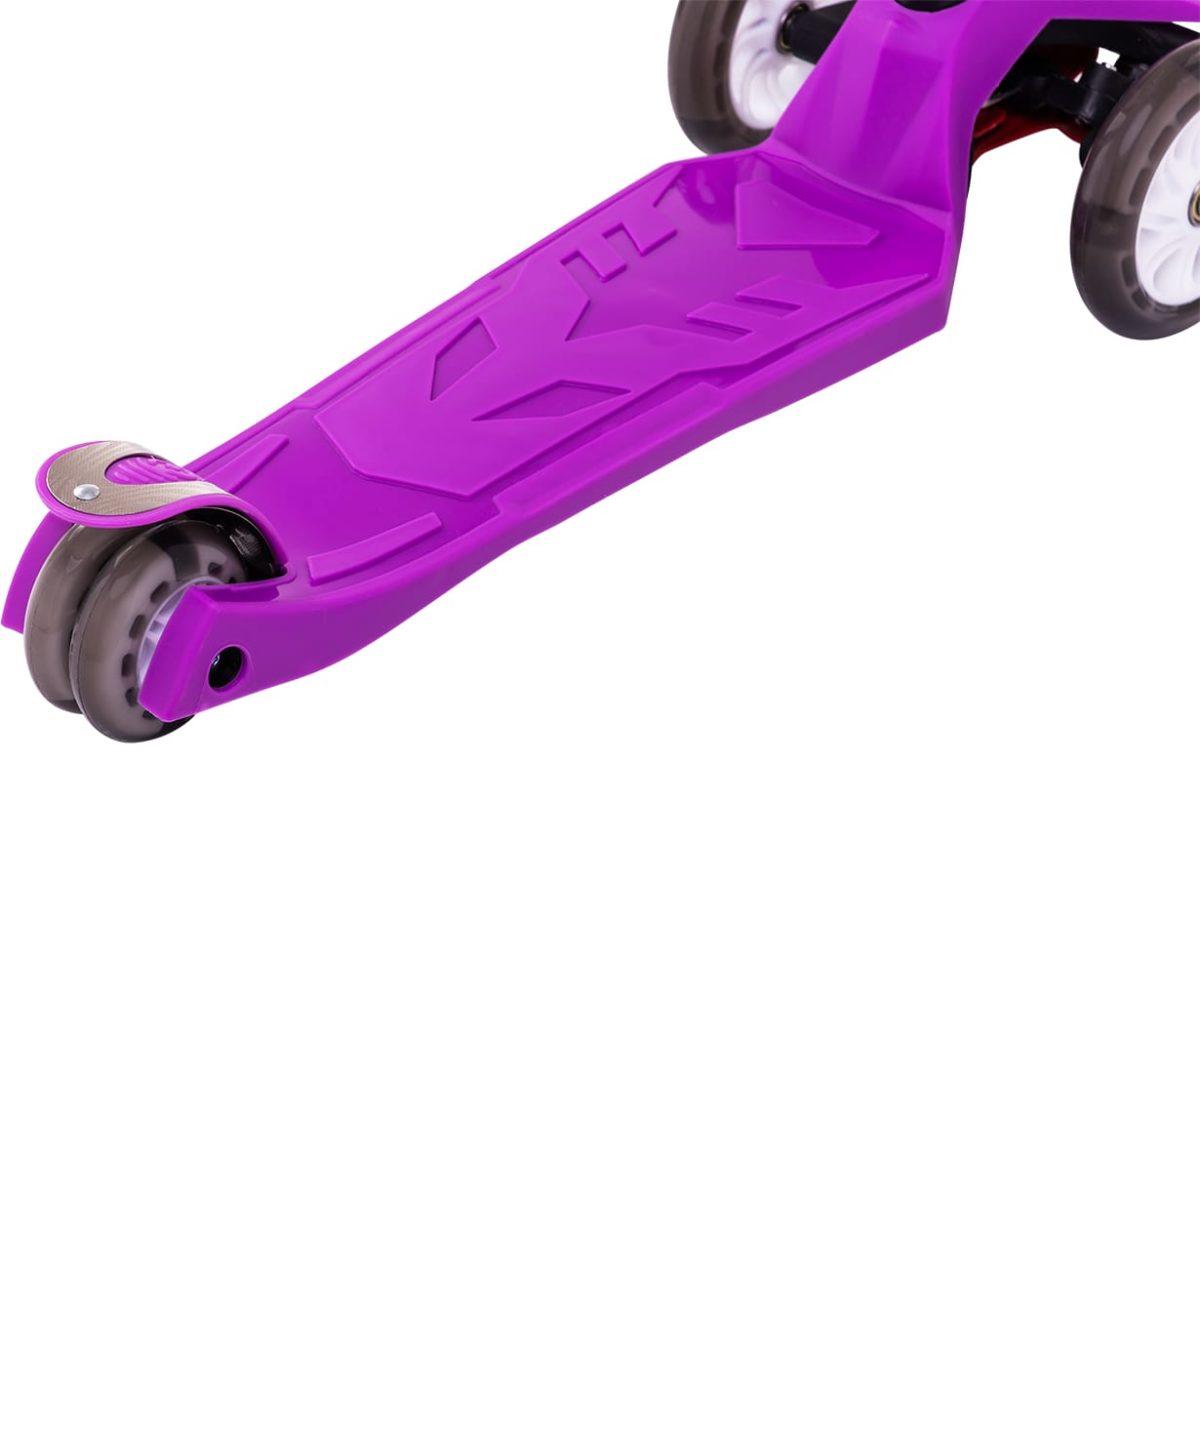 RIDEX Smart 3D Самокат 3-х колесный 120/80 мм  Smart: фиолетовый - 5